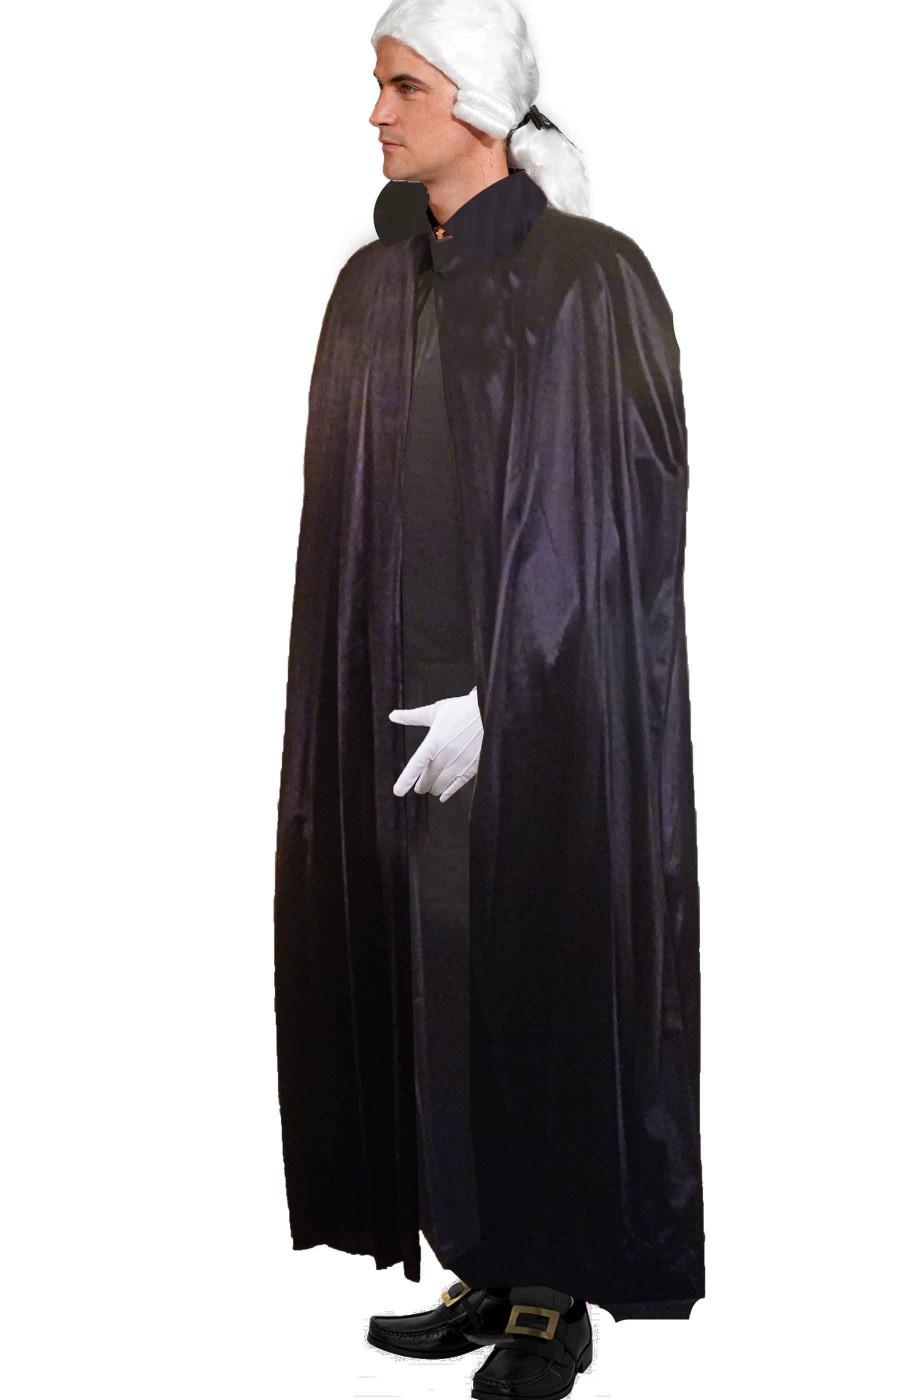 Mantello nero lucido da adulto con collare